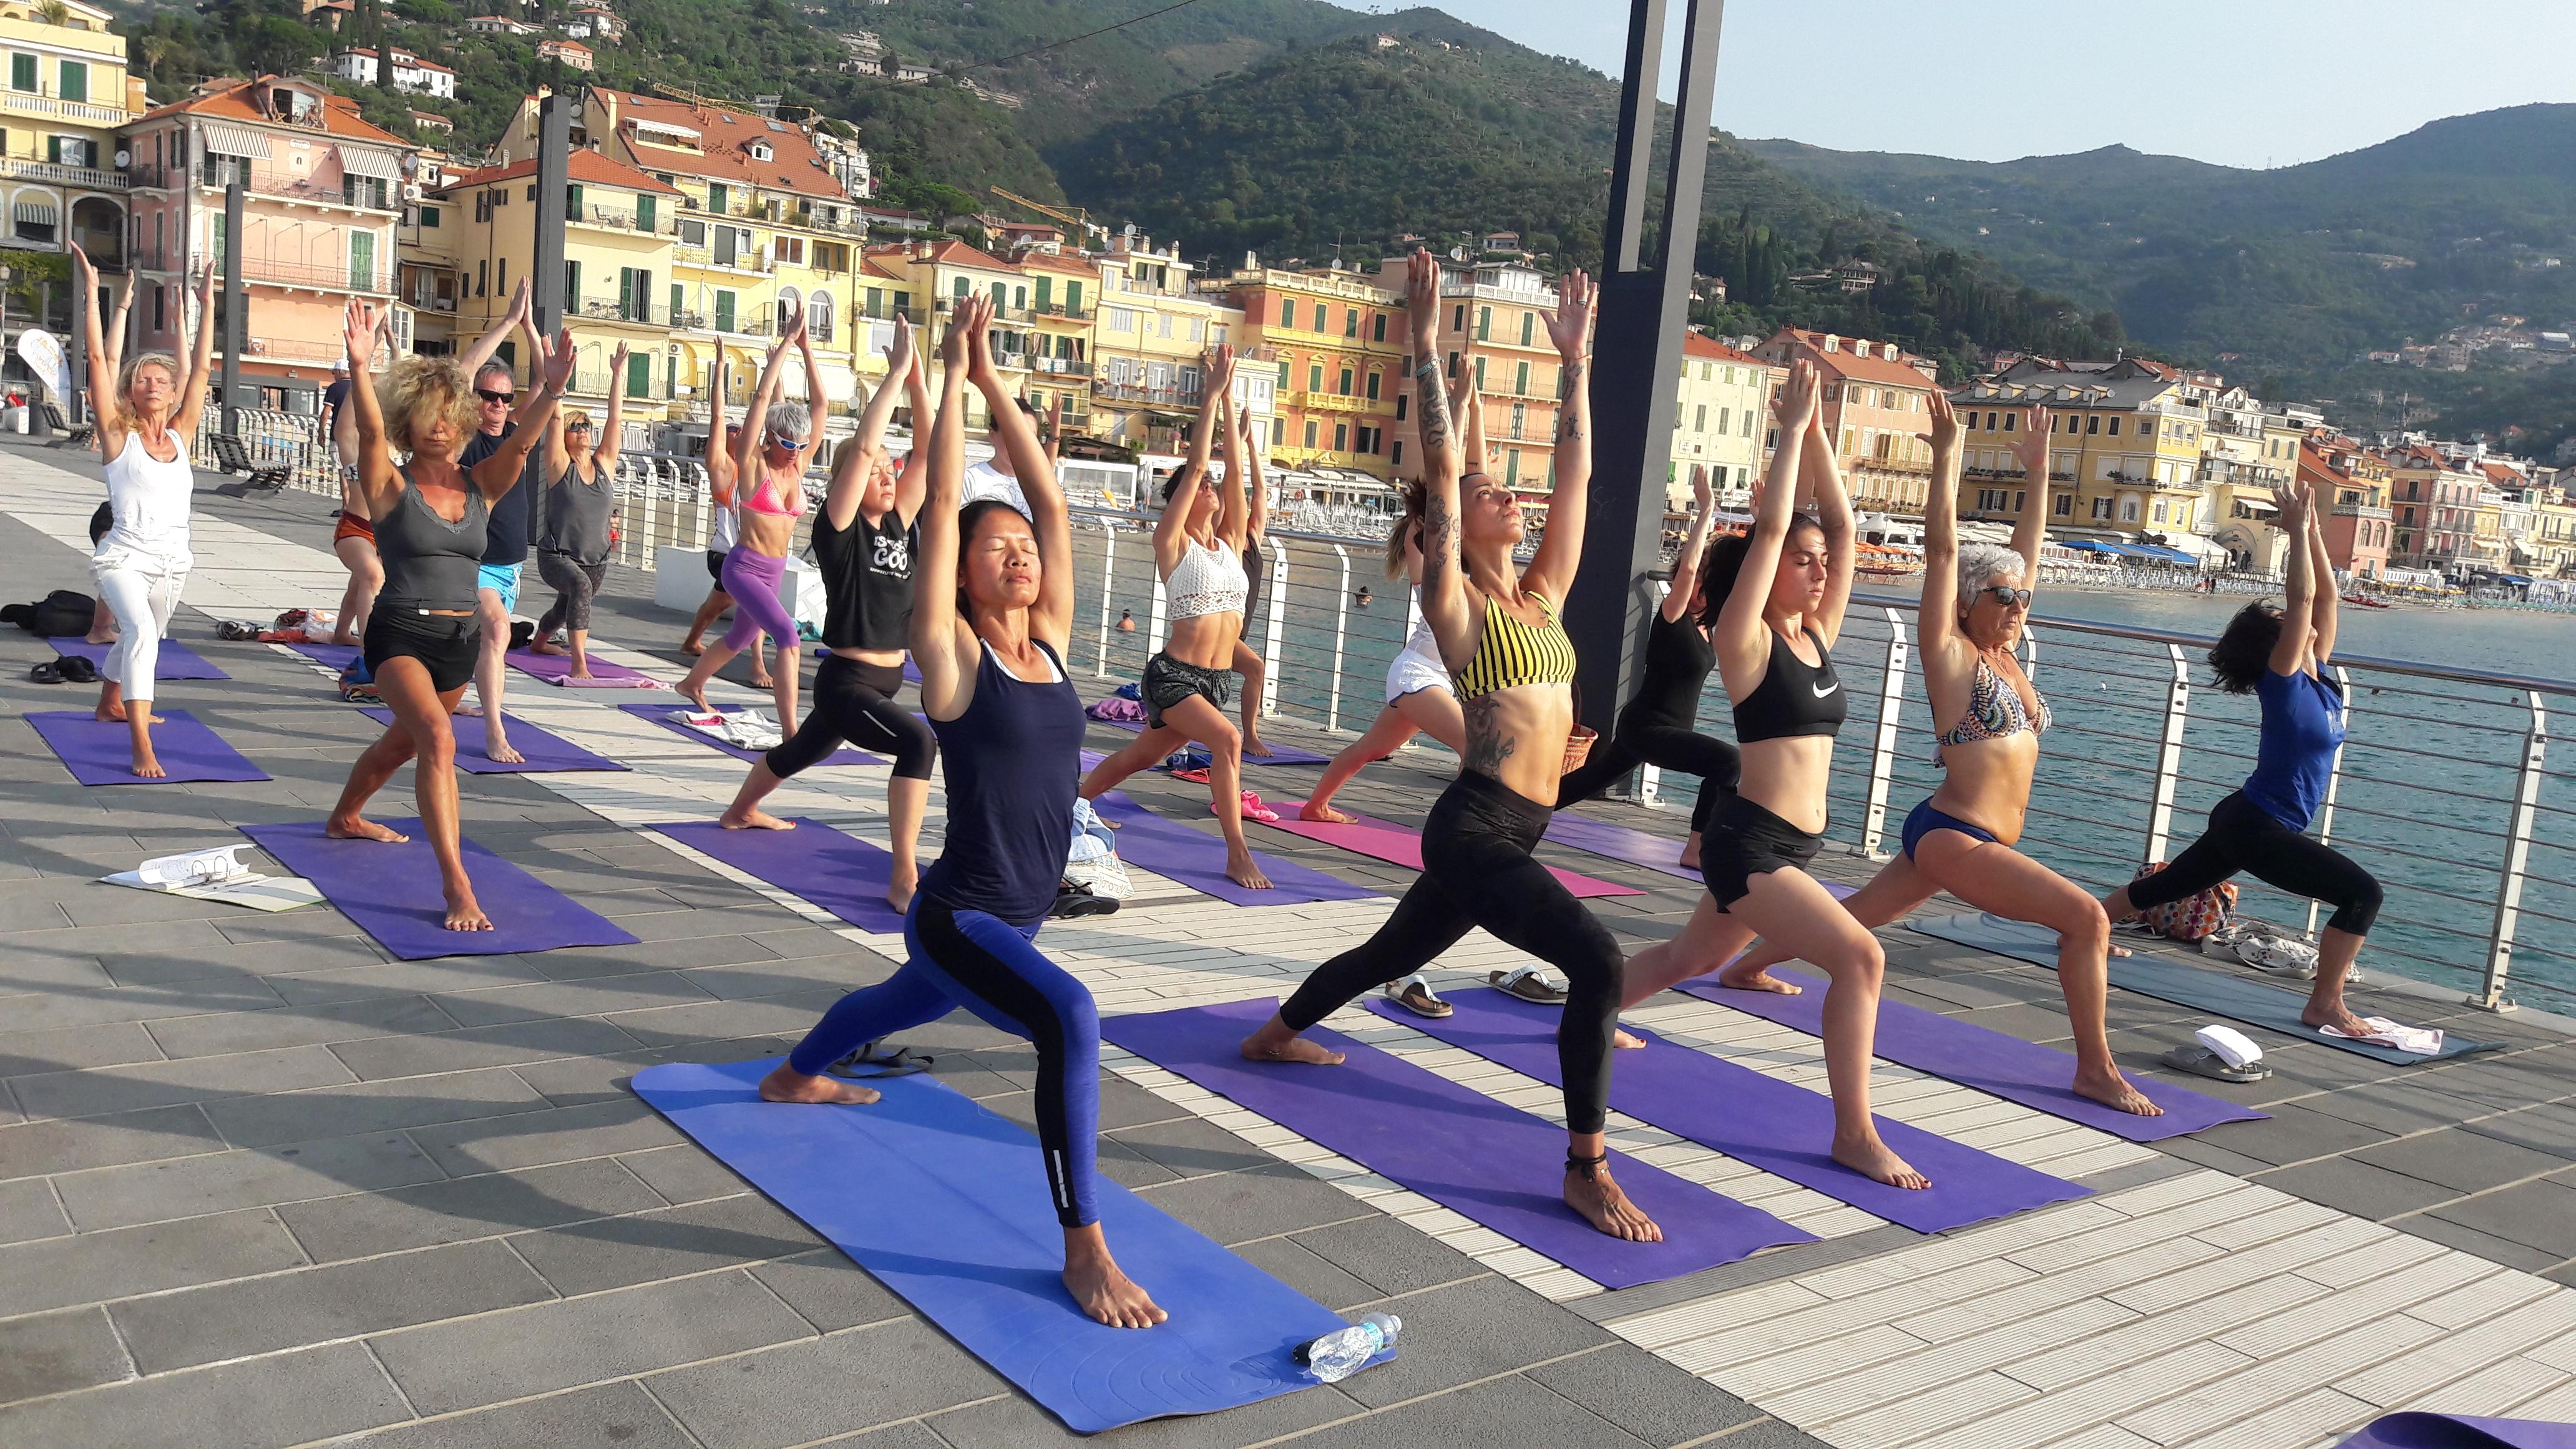 1_essere-free-yoga-gratuito-benessere-per-tutti-village-citta-alassio-estate-lucia-ragazzi-summer-town-wellness-019